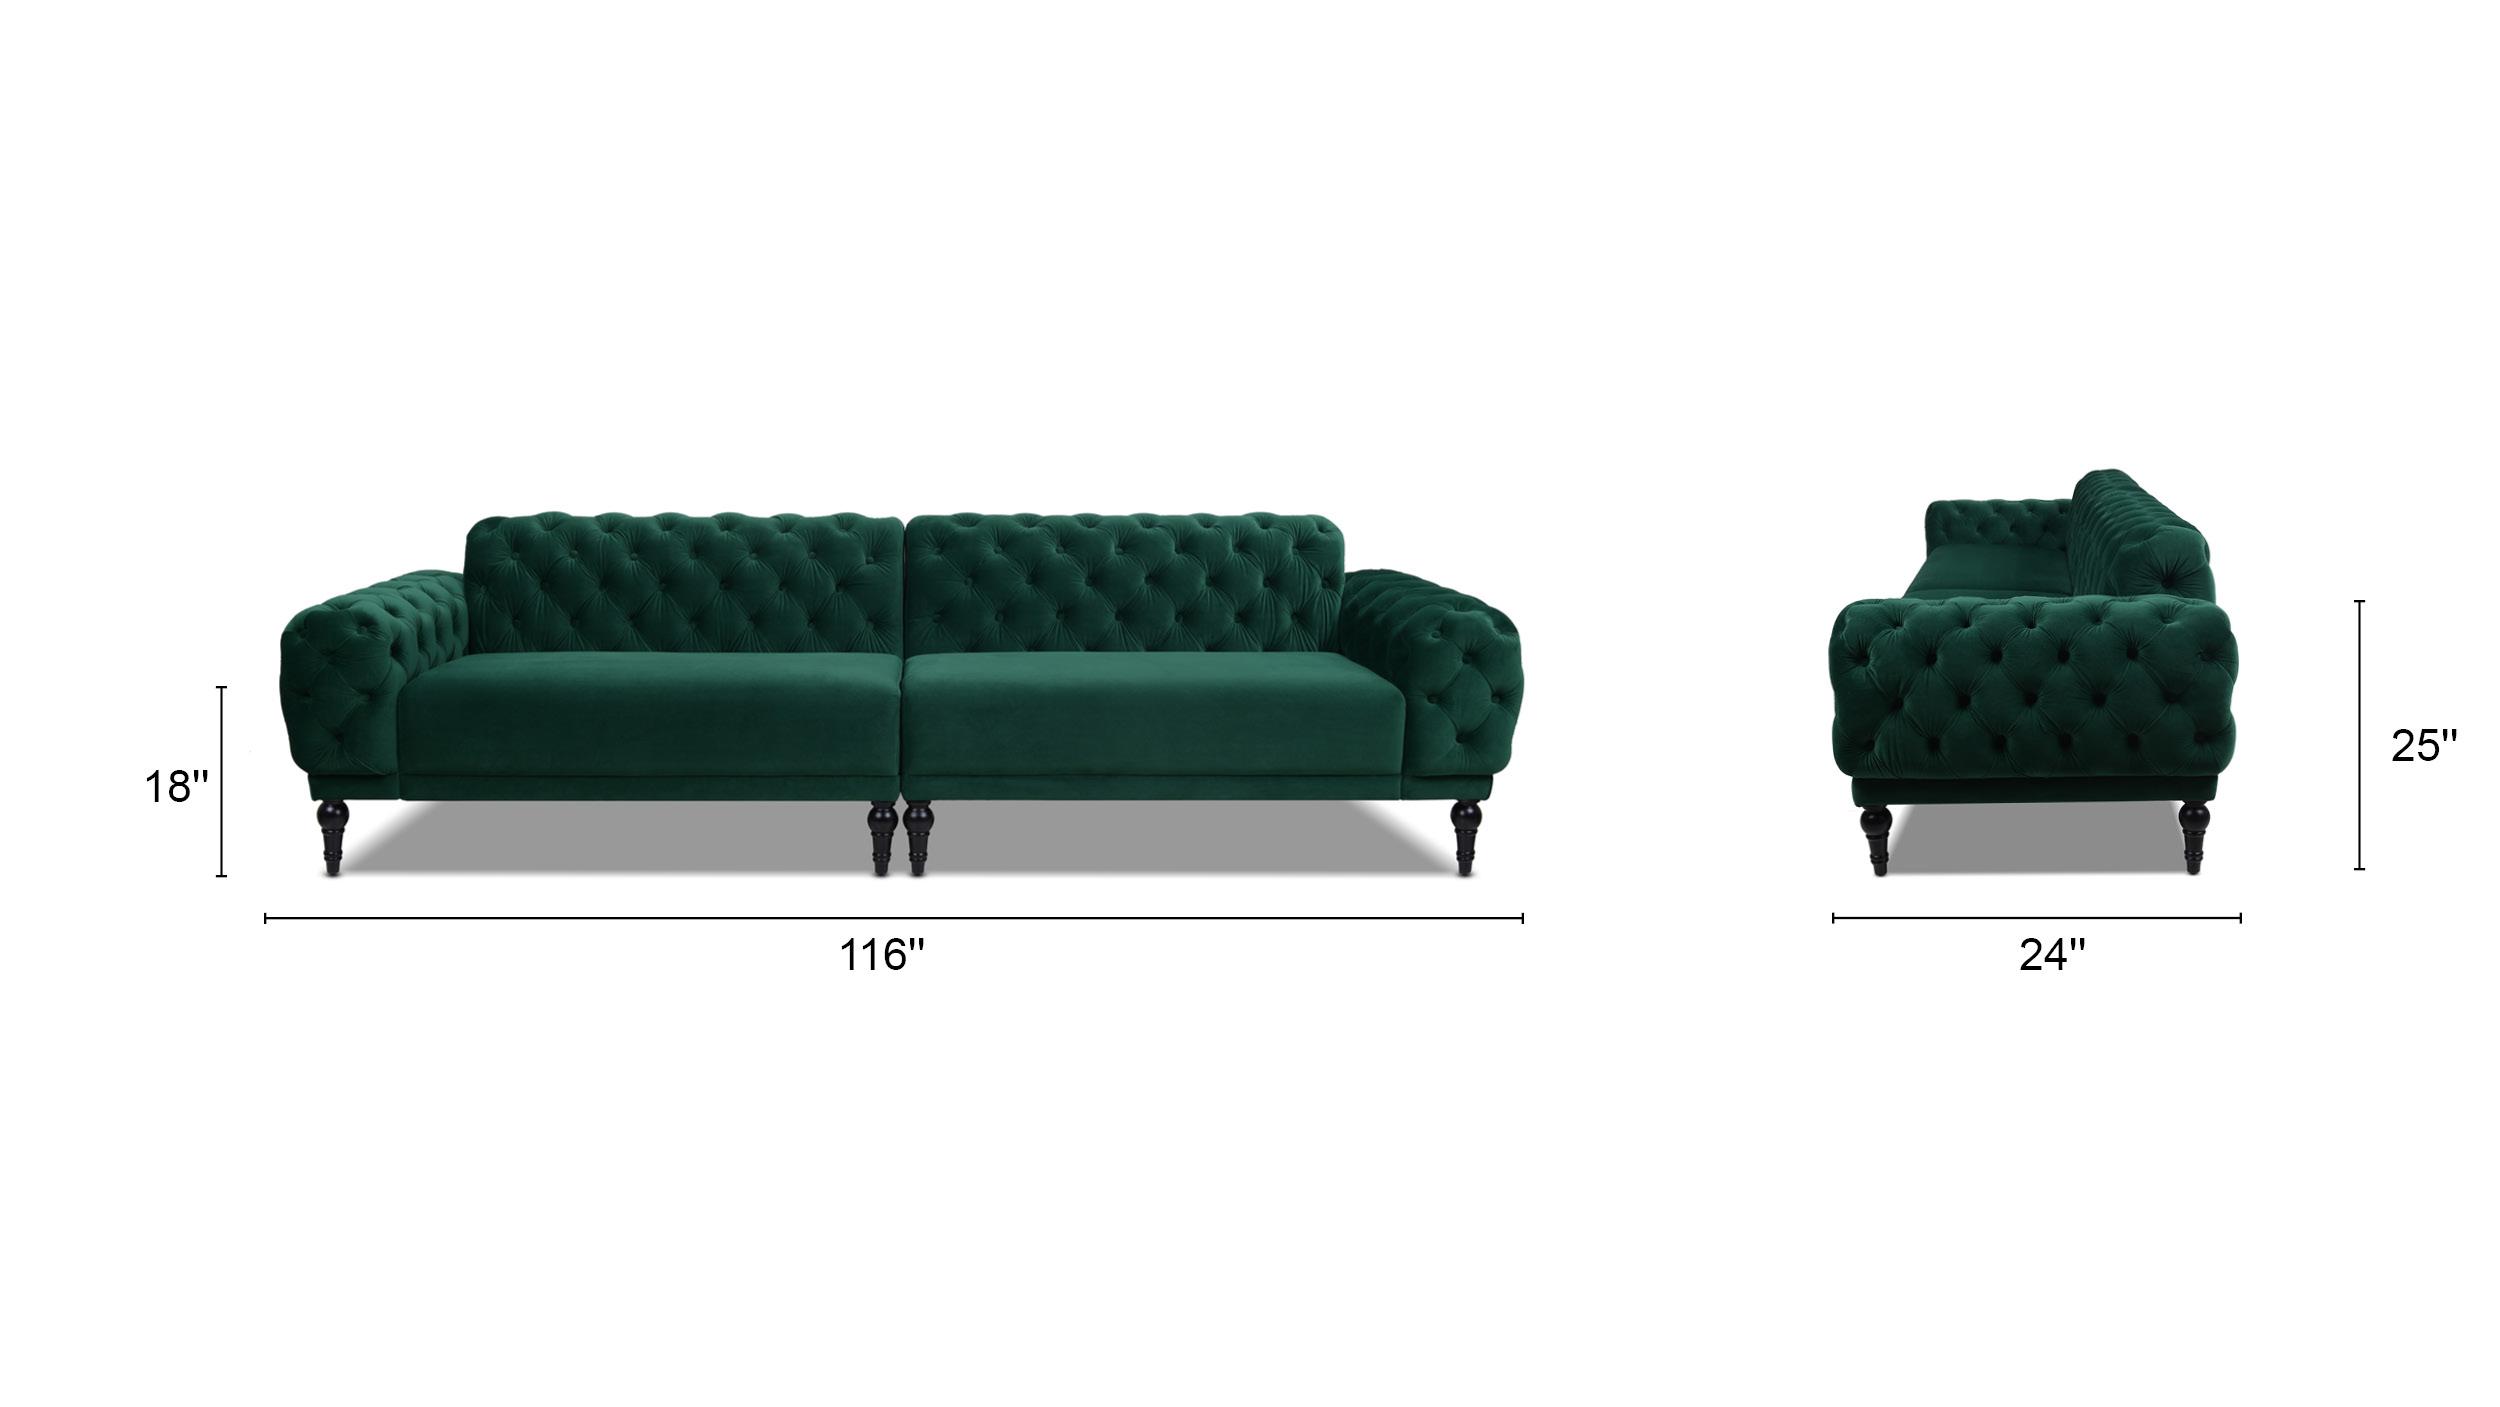 Tappman Modular 4-Seater Tufted Velvet Sofa